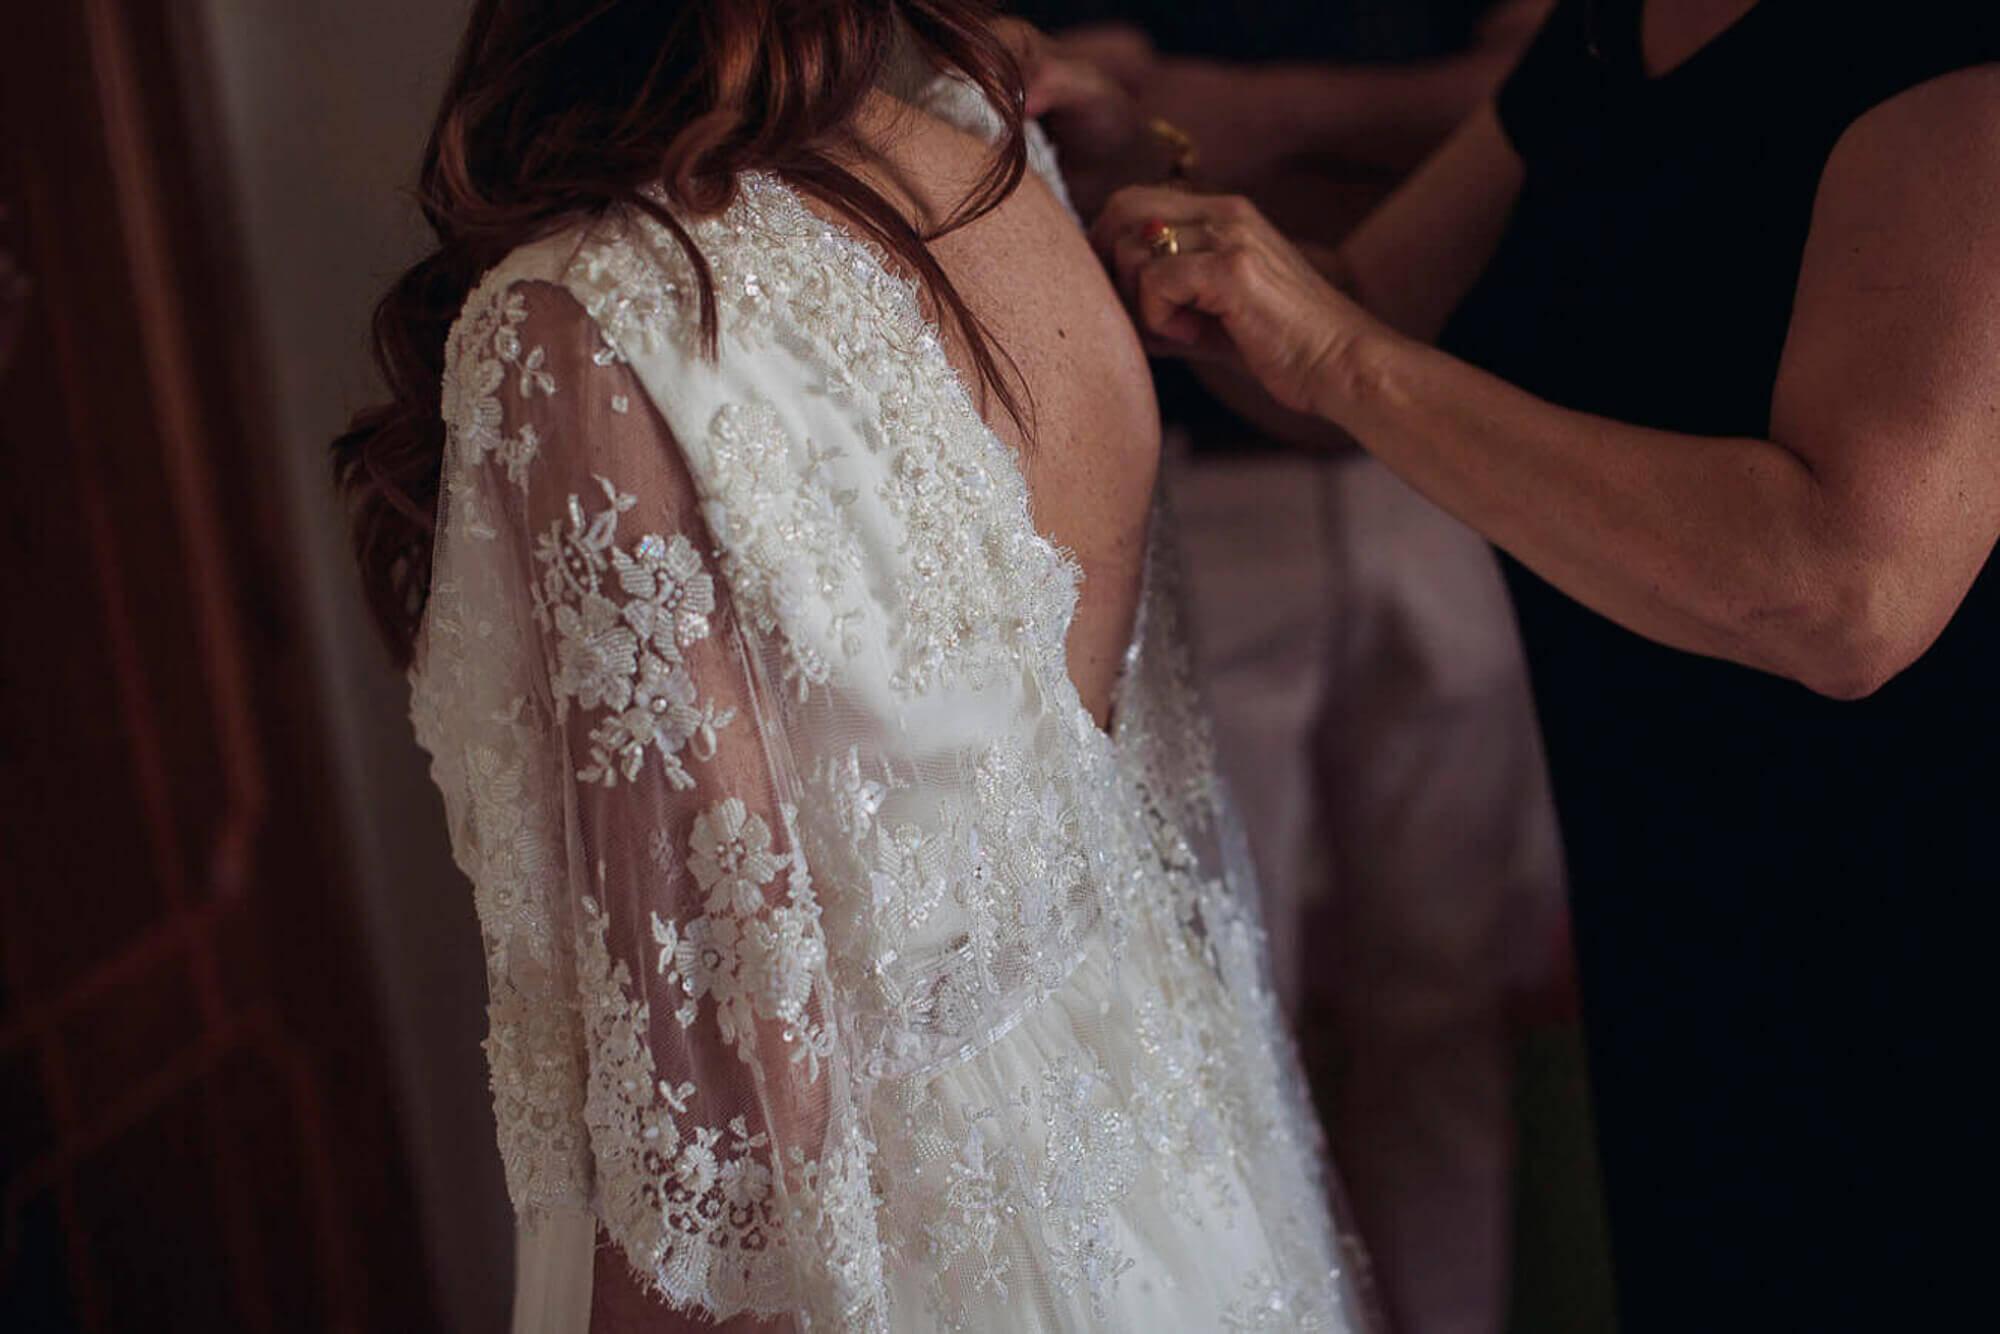 16_wedding_marche_bride getting ready.jpg